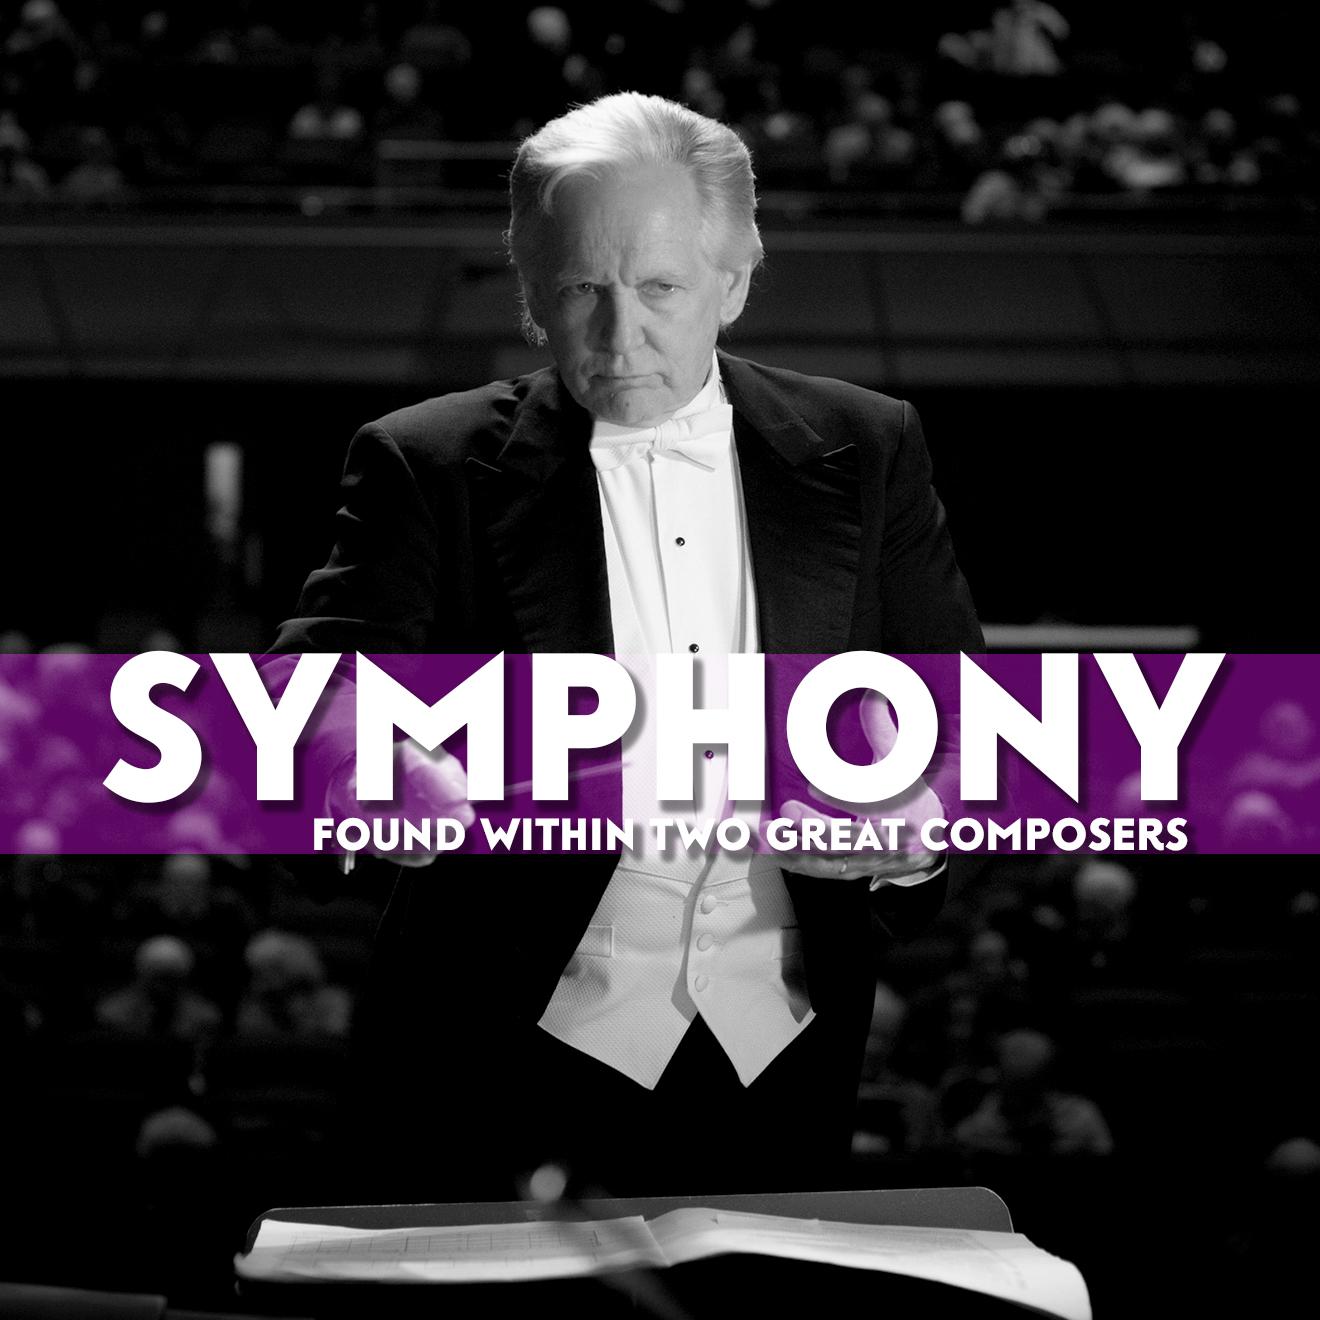 Rochester Symphony Orchestra Centennial Concert series